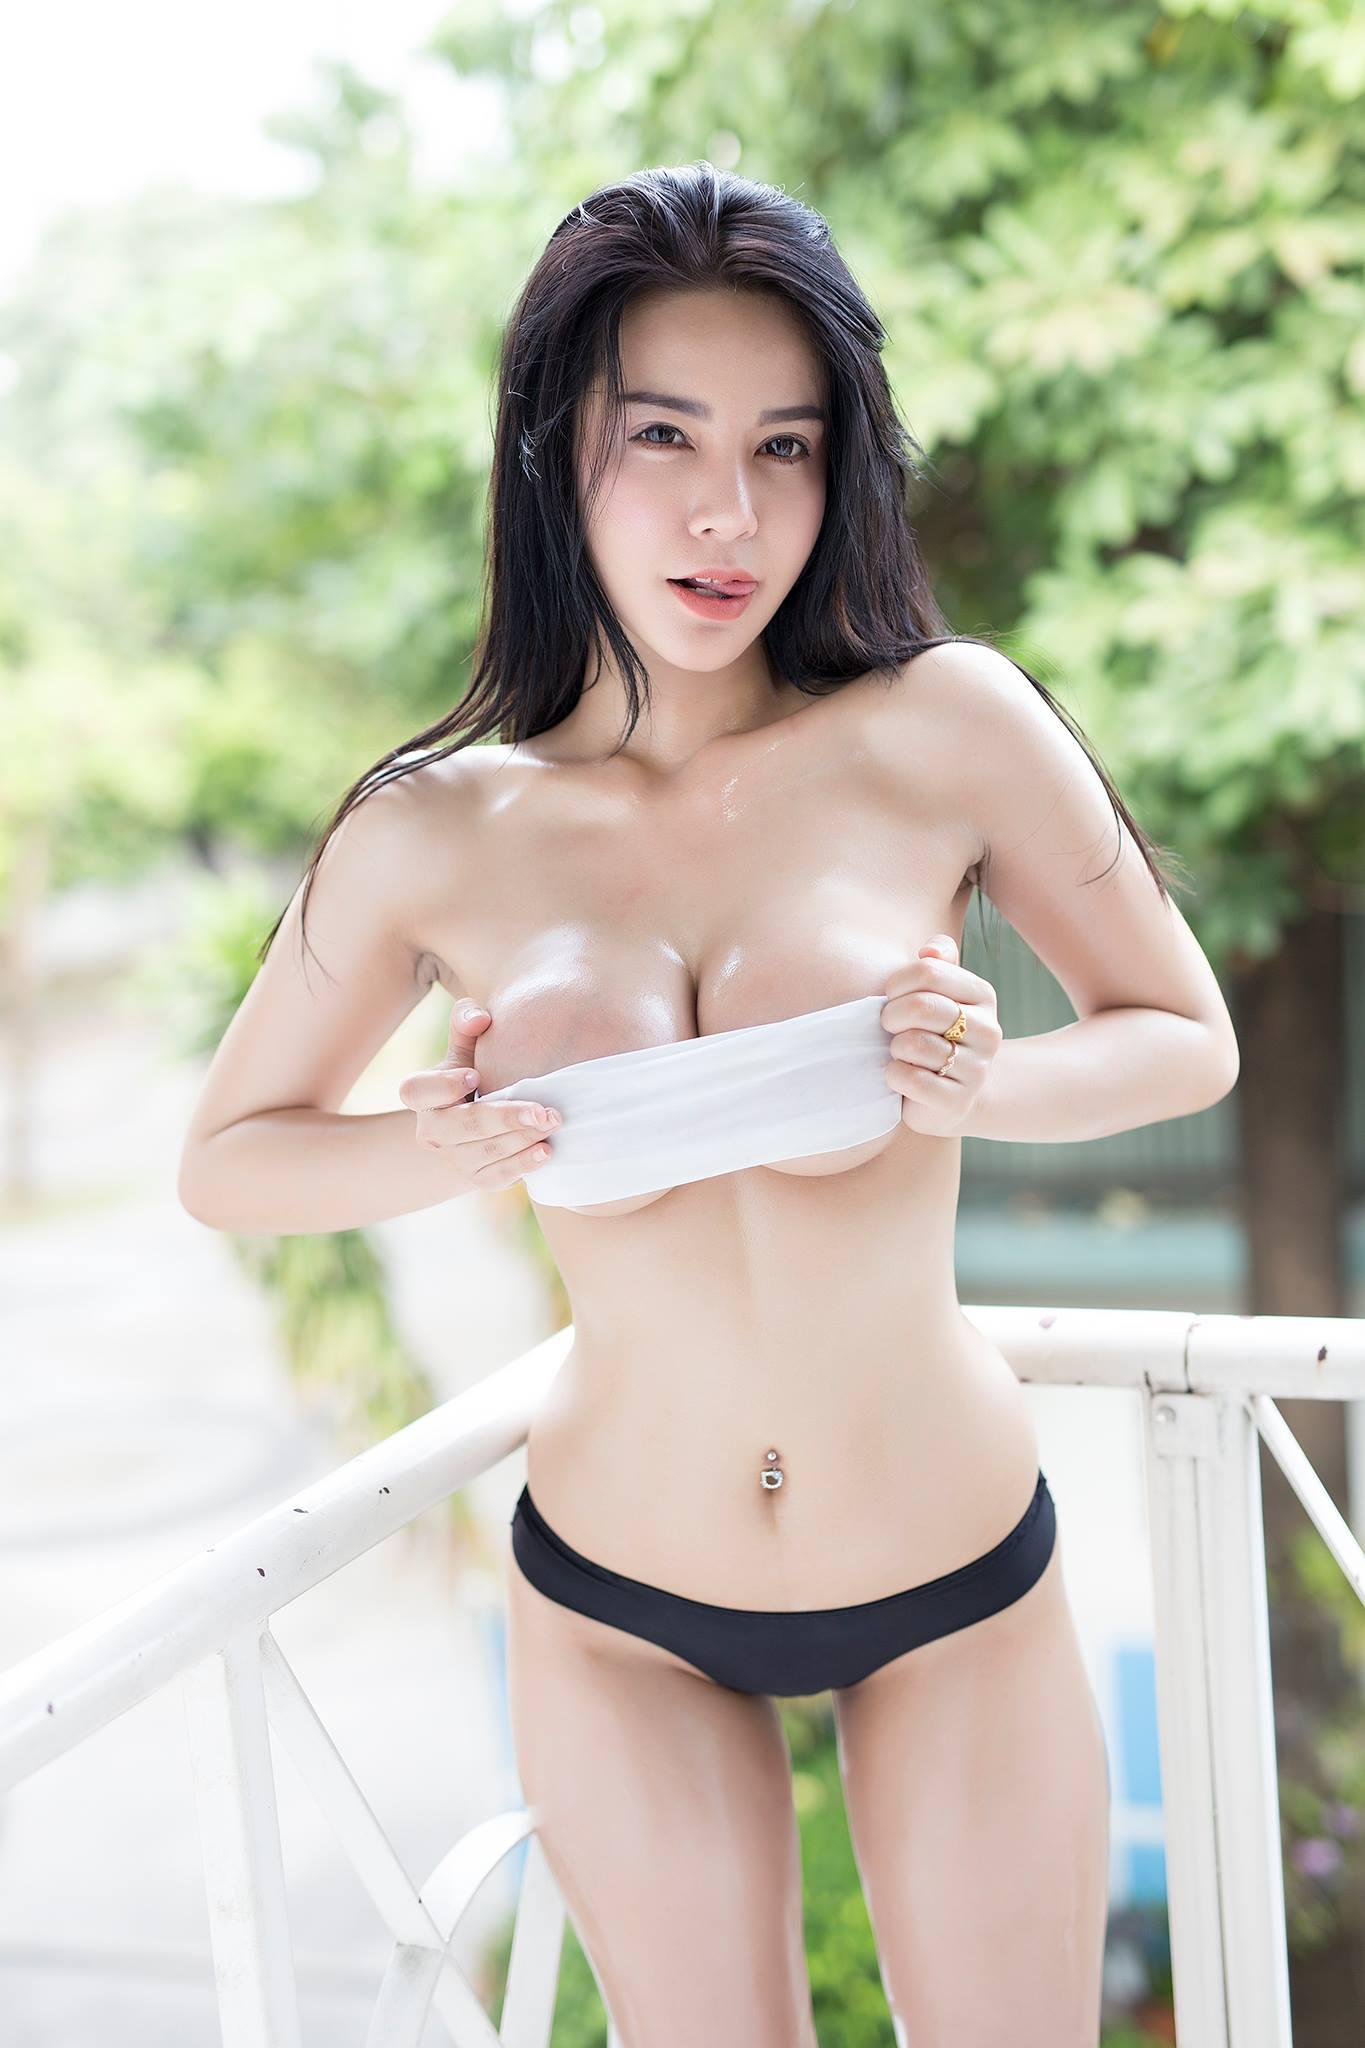 วาร์ปเด็ด รูปเสียวเซ็กซี่ เบนจิ Phatthira Soonleewong น่ารัก xxx